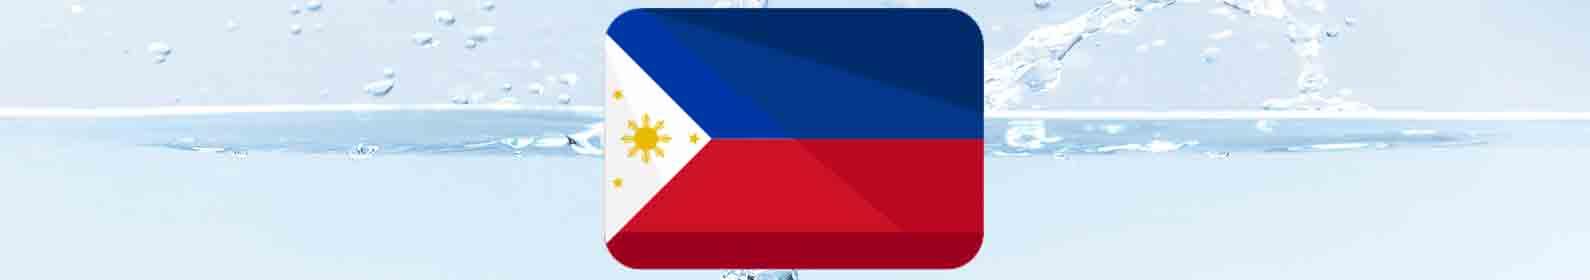 tratamento-de-agua-filipinas.jpg